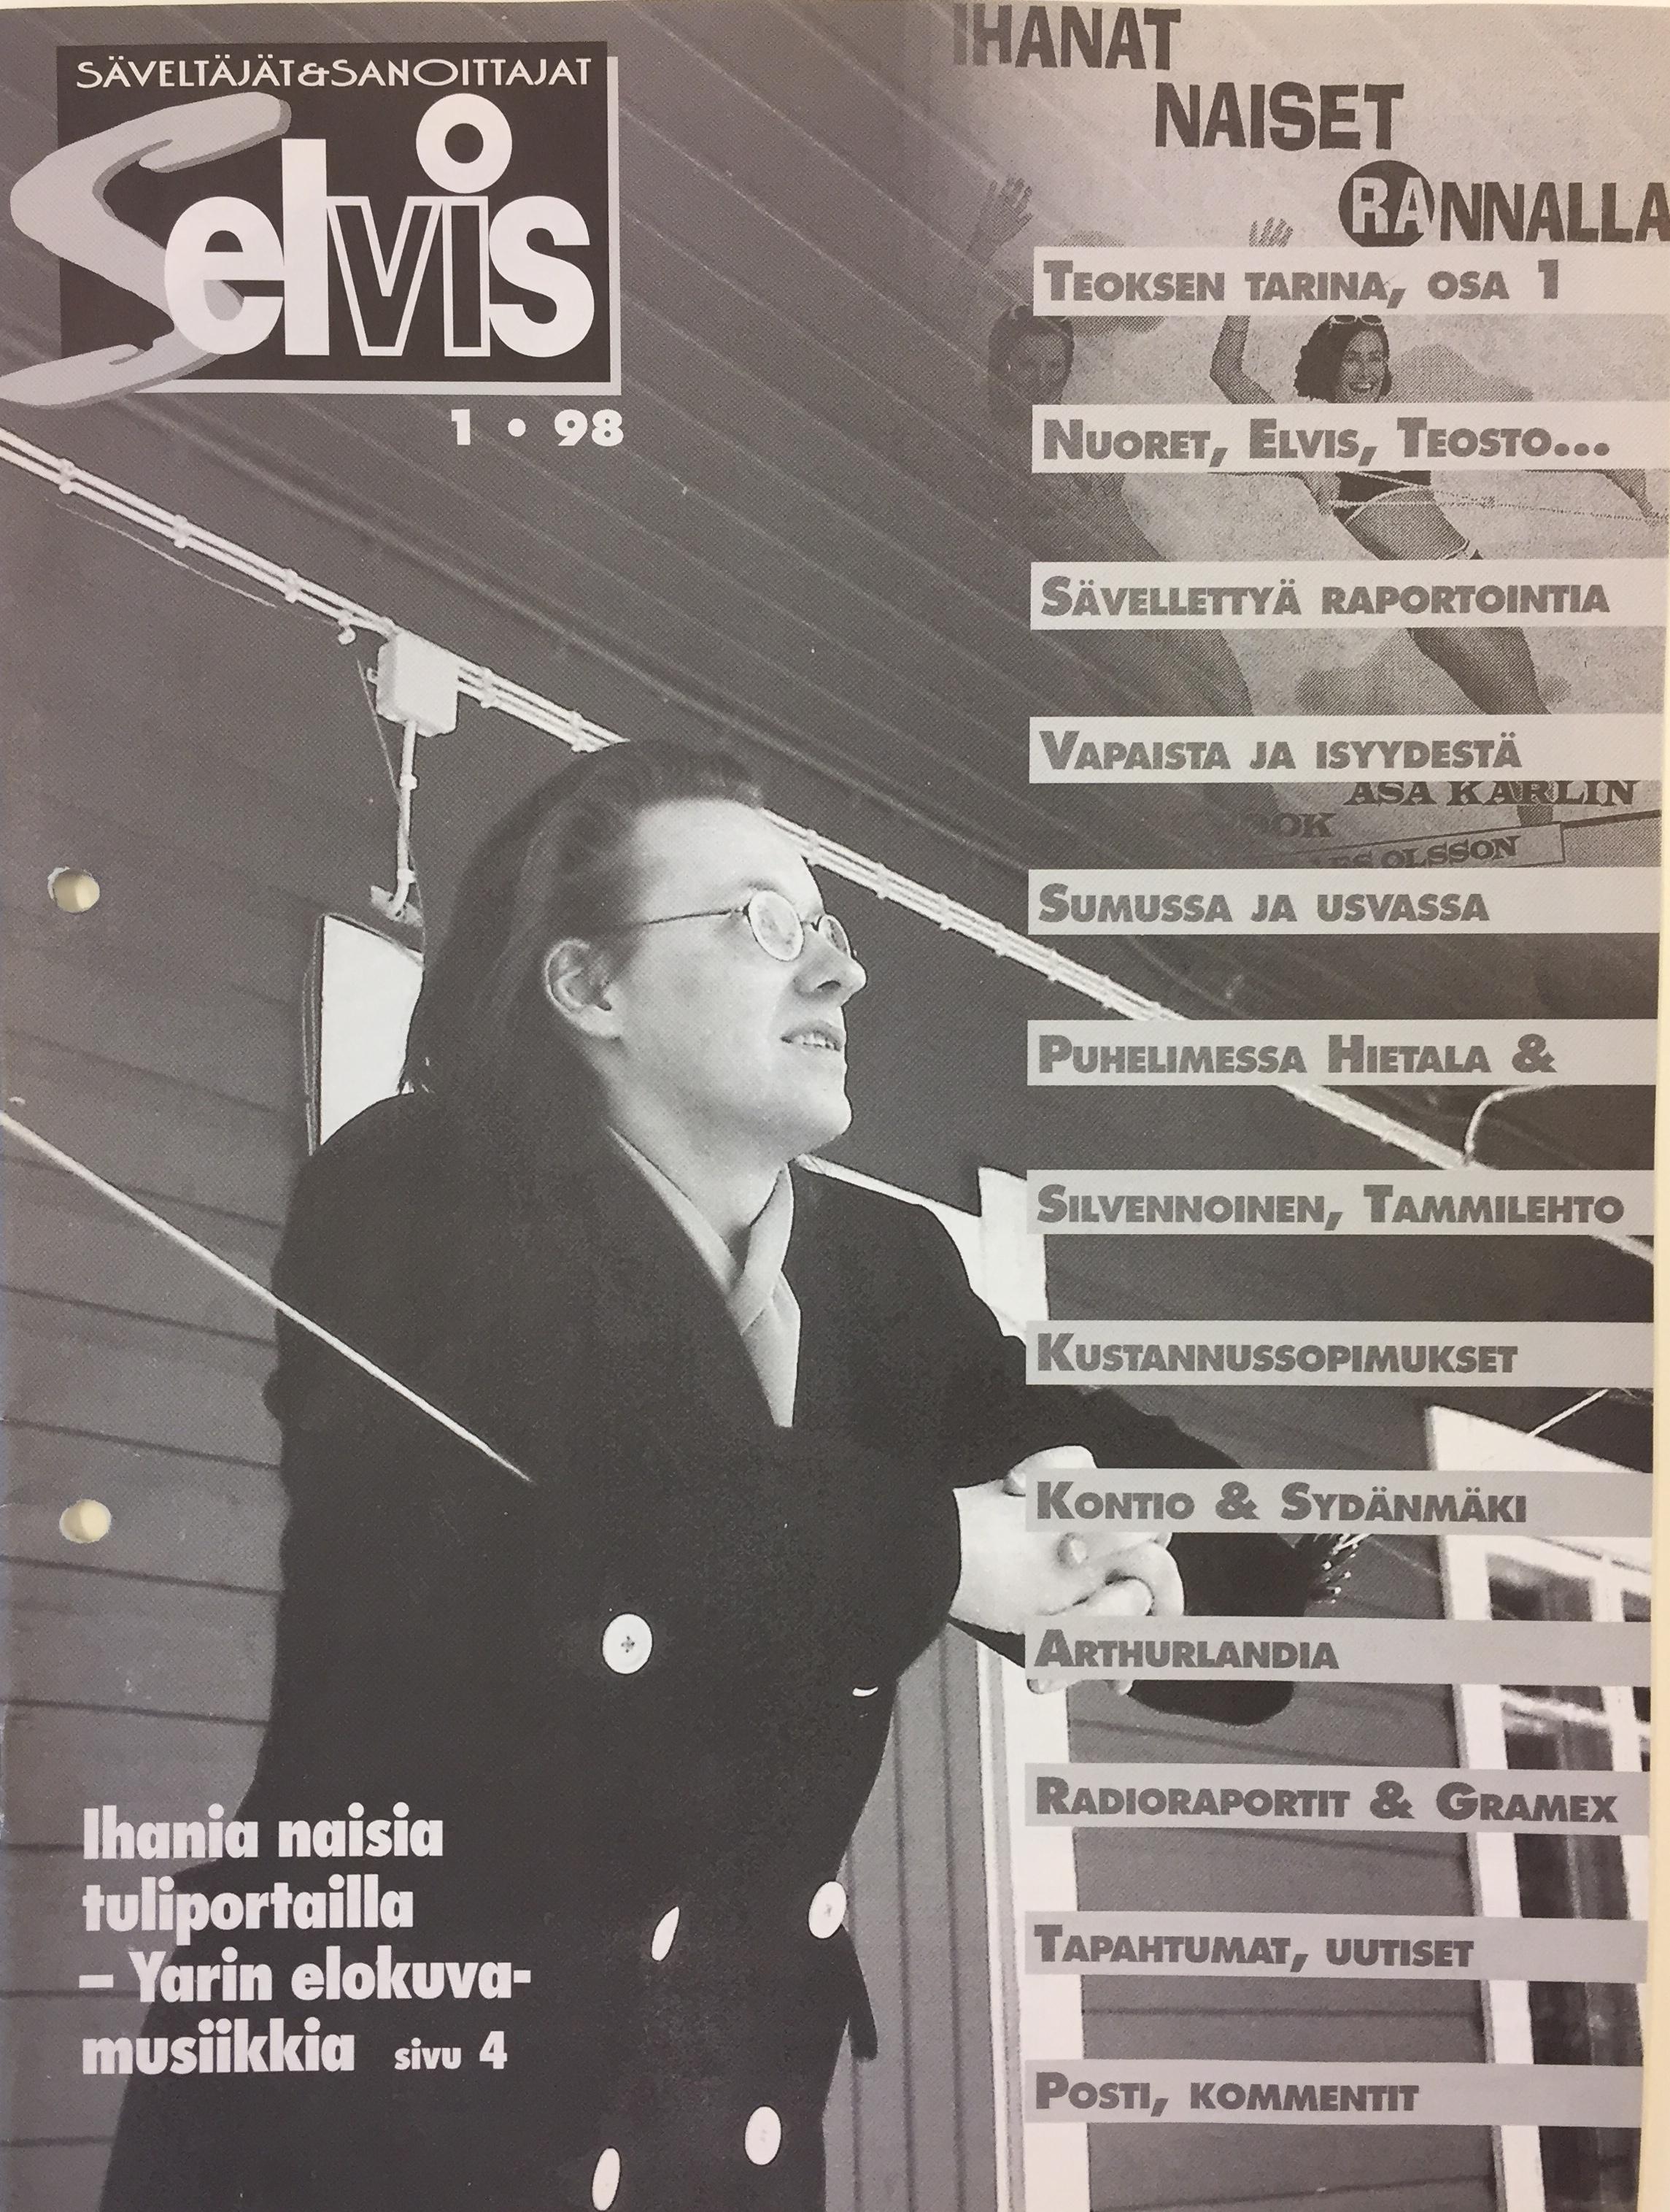 Lehden kansi: 1/1998